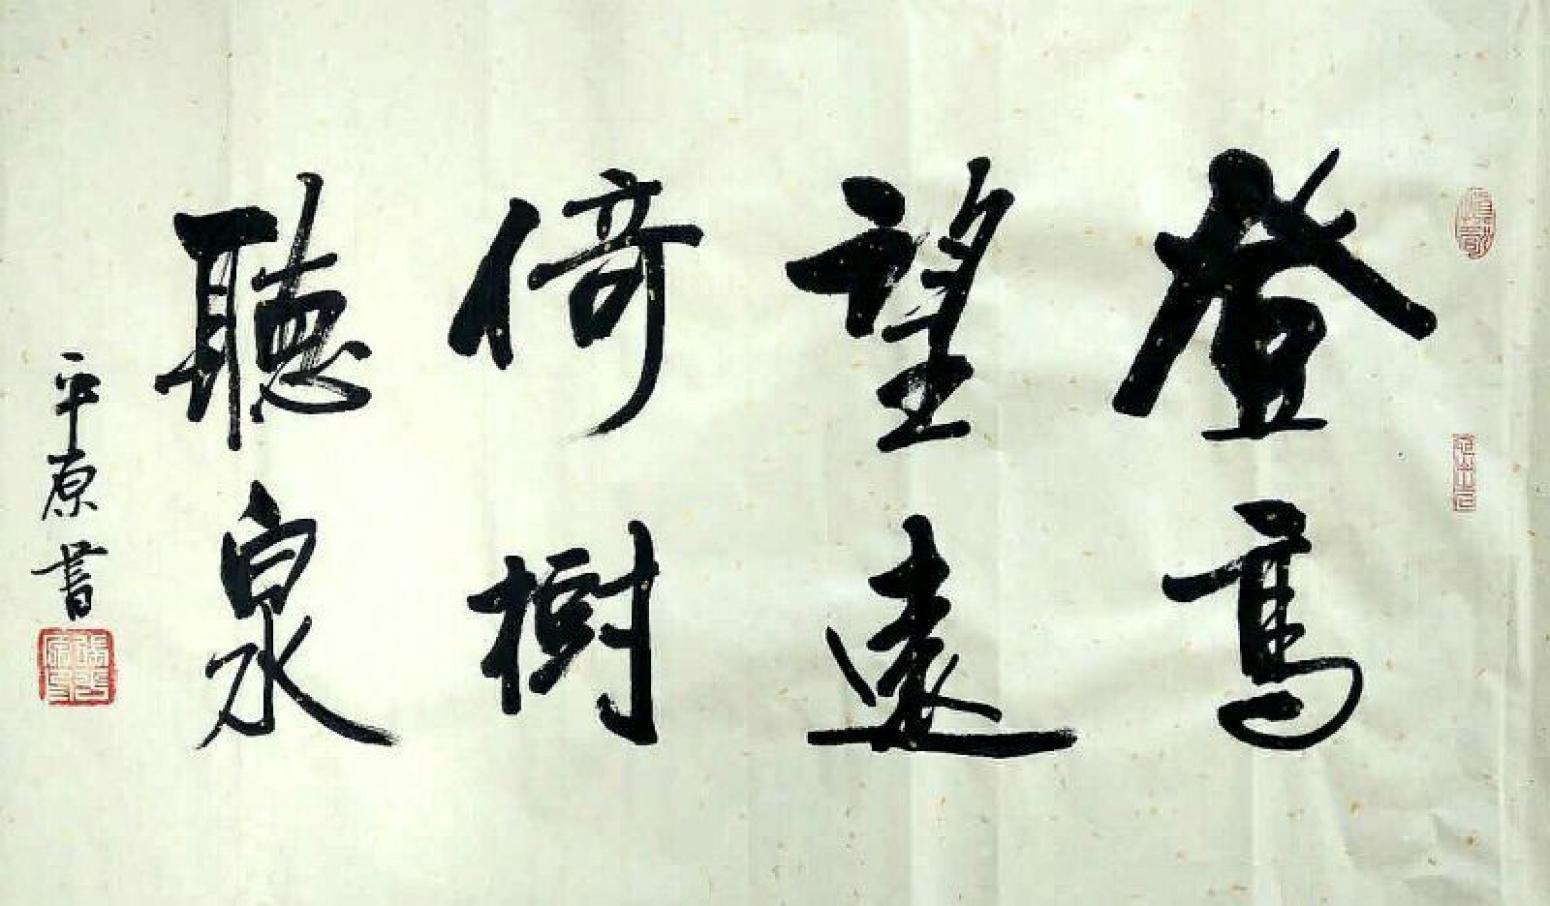 张平原书法作品《【登高望远】作者张平原》【图0】